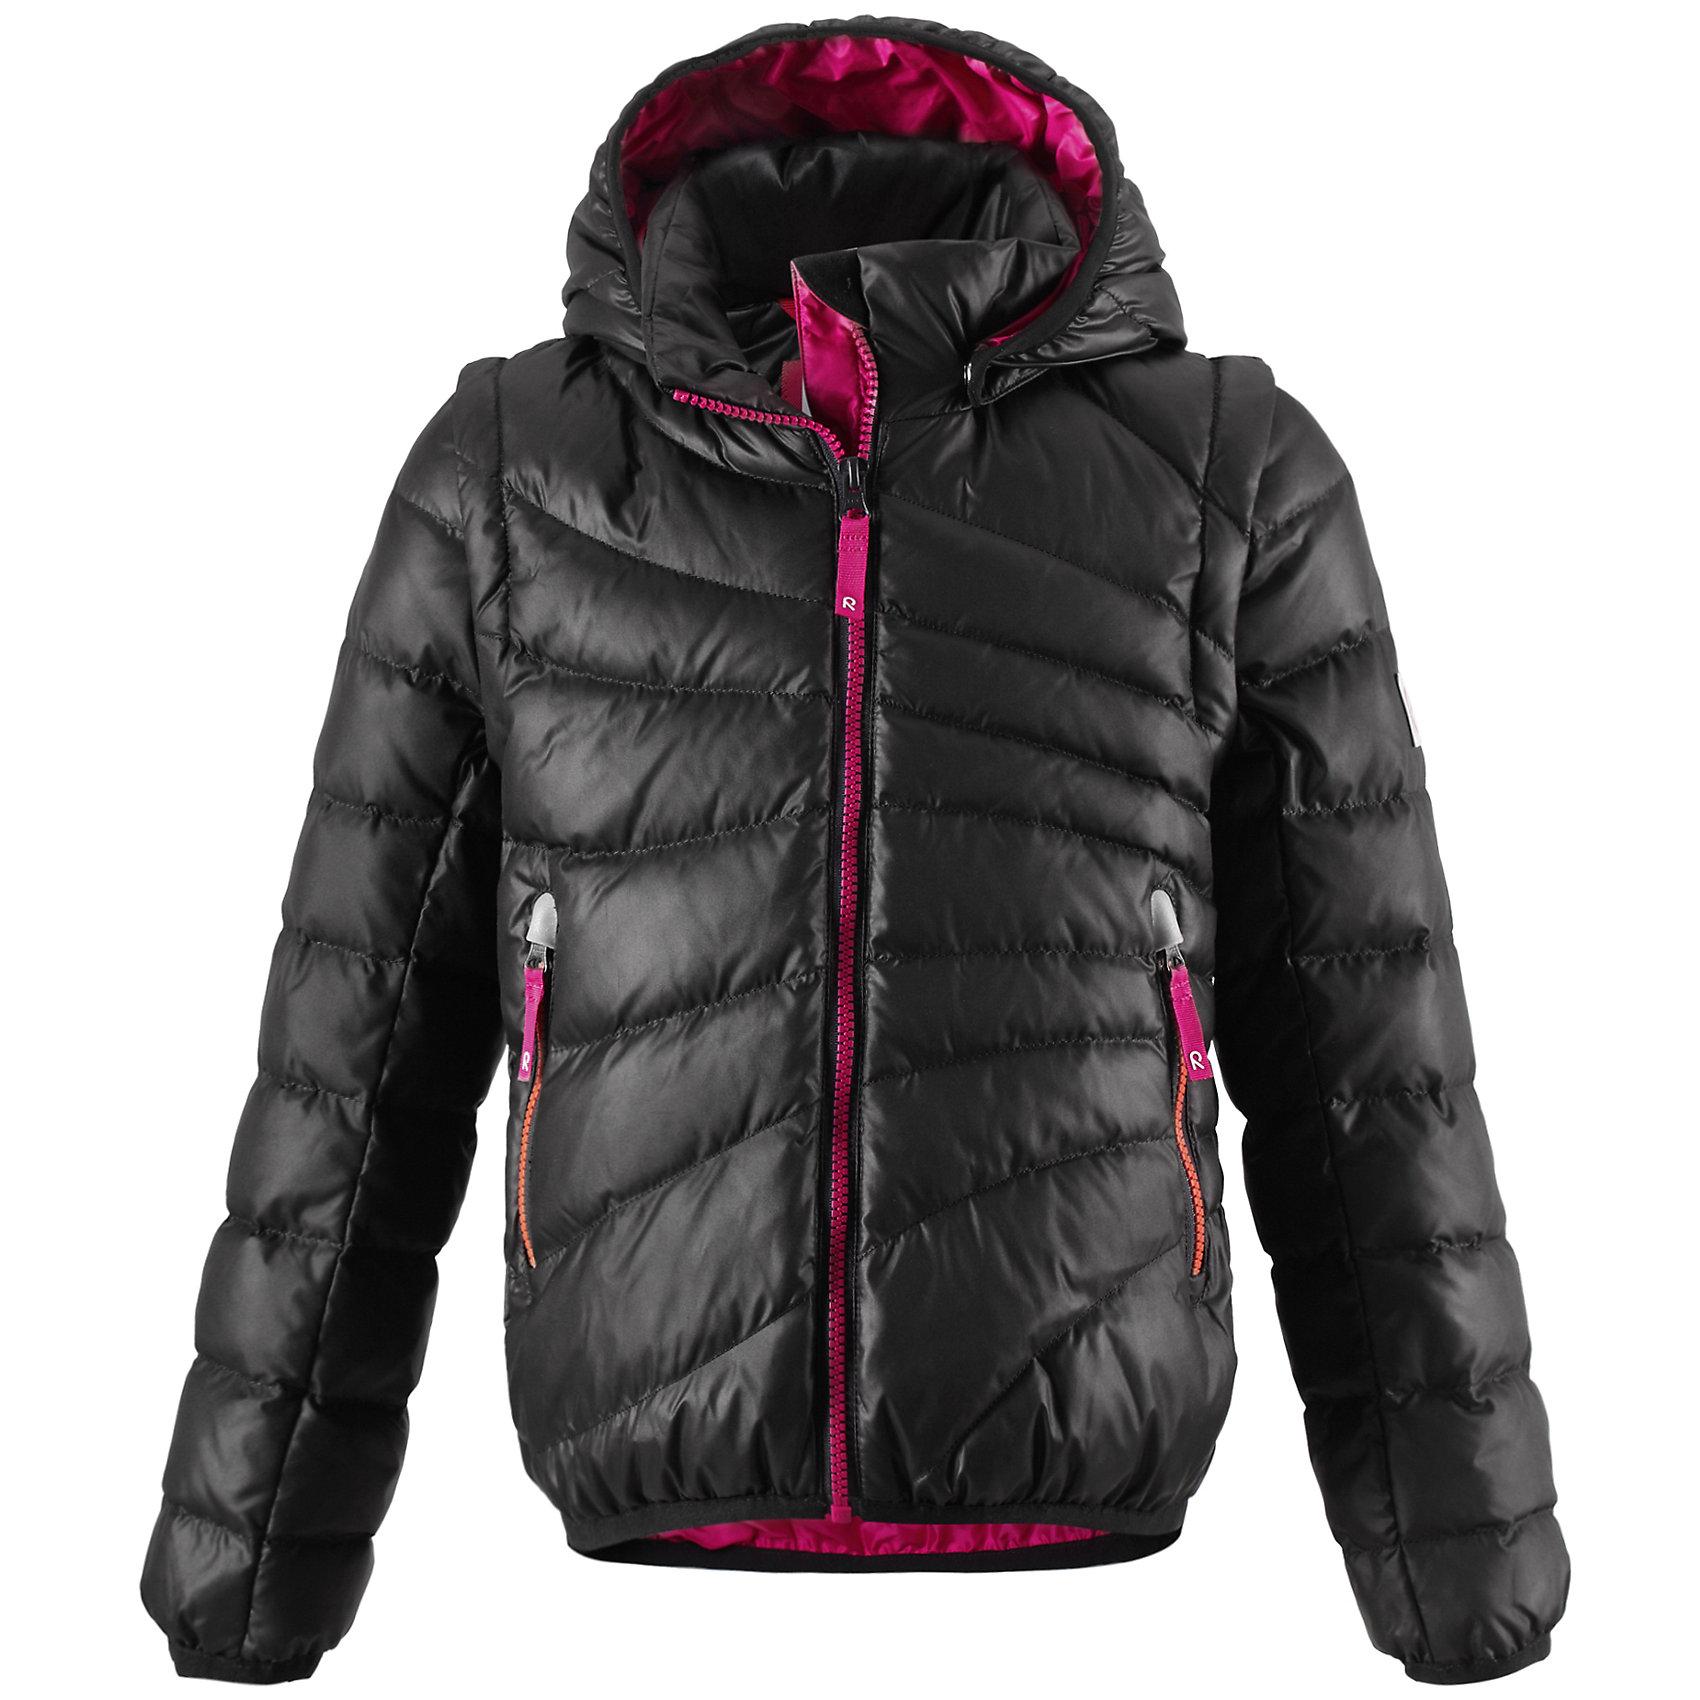 Куртка для девочки ReimaОдежда<br>Лёгкий детский пуховик - замечательный выбор для поздней осени и ранней зимы. Этот стильный пуховик тёплый, но лёгкий, а если погода позволяет, куртка легко трансформируется в пуховой жилет - рукава отстёгиваются при помощи молнии. В тёплые осенние дни рекомендуем надевать под жилет уютный вязаный свитер или флисовую кофту. Капюшон тоже отстёгивается - если закреплённый кнопками капюшон зацепится за что-нибудь, он легко отстегнётся. Передние карманы на молниях подойдут для хранения маленьких ценностей, а молния контрастного цвета завершает стильный образ. Эта приталенная модель для девочек великолепно выглядит на прогулке в городе, в школе или на активном отдыхе.<br><br>Лёгкий пуховик для девочек-подростков<br>Безопасный съёмный регулируемый капюшон <br>Отстёгивающиеся рукава на молниях<br>Эластичный кант на манжетах рукавов и по нижнему краю пуховика<br>Молнии контрастного цвета <br>Два боковых кармана на молниях<br><br>Состав:<br>100% ПЭ<br>Средняя степень утепления (до - 20)<br>Утеплитель: пух<br><br>Куртку для девочки Reima (Рейма) можно купить в нашем магазине.<br><br>Ширина мм: 356<br>Глубина мм: 10<br>Высота мм: 245<br>Вес г: 519<br>Цвет: черный<br>Возраст от месяцев: 48<br>Возраст до месяцев: 60<br>Пол: Женский<br>Возраст: Детский<br>Размер: 110,104,128,140,164,146,134,122,116<br>SKU: 4209002